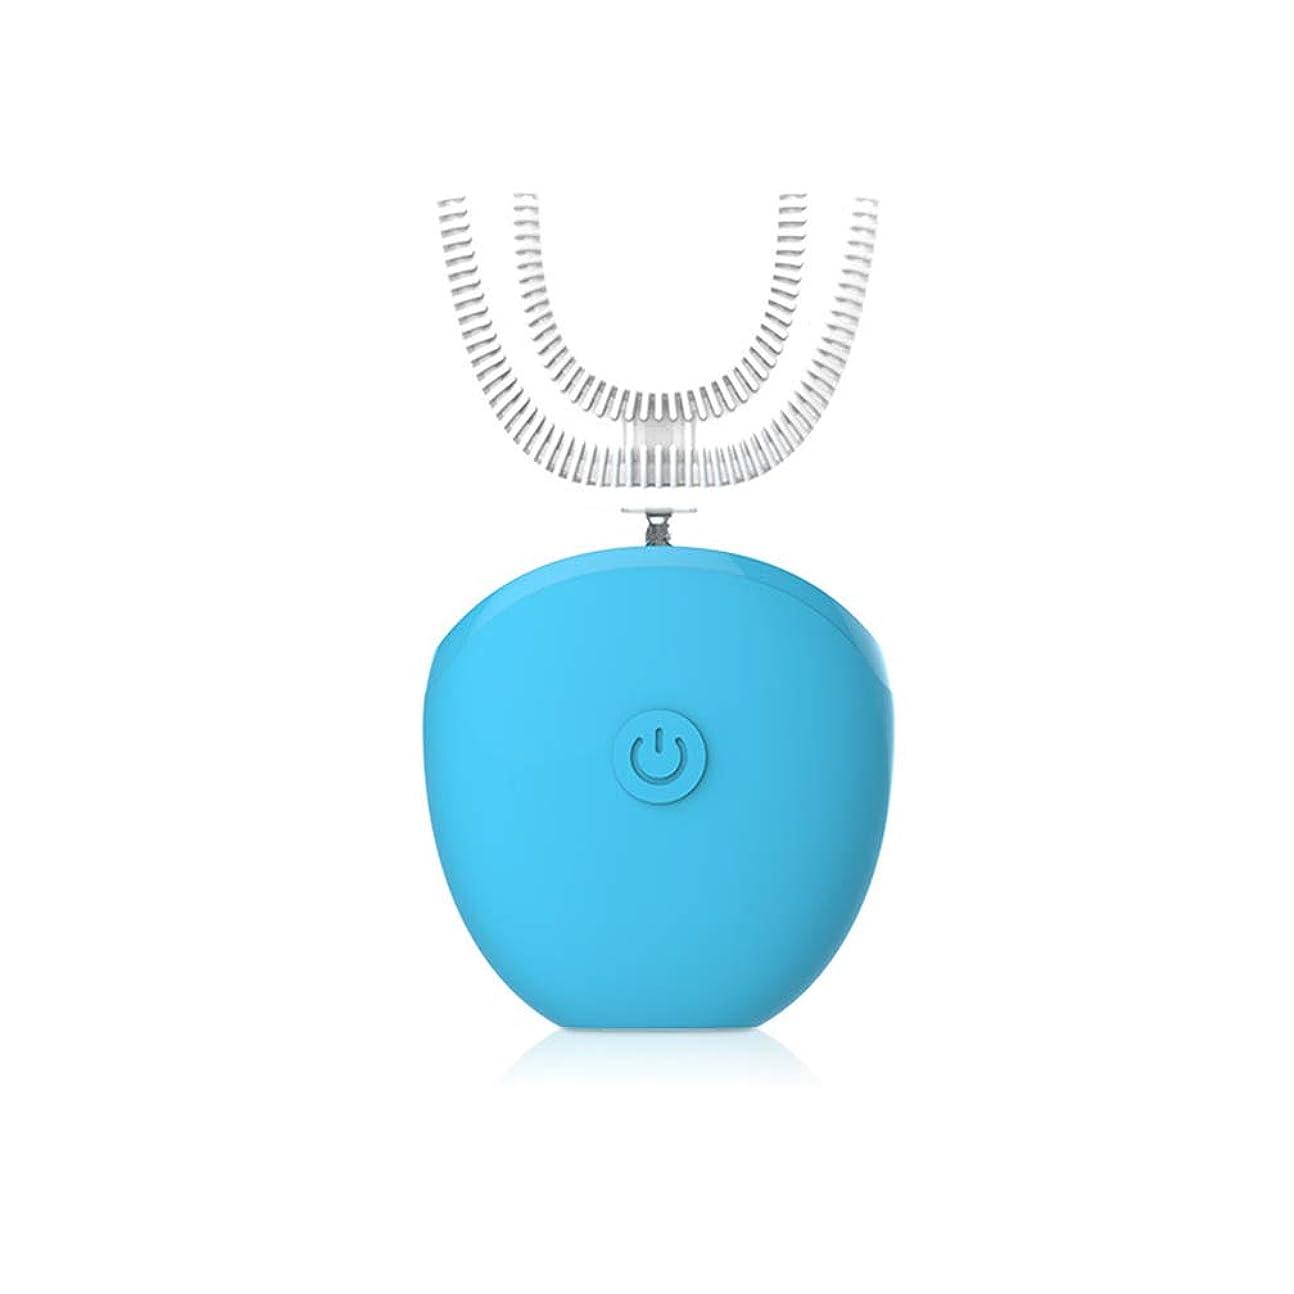 アドバンテージあいさつ海峡全自動電動歯ブラシ、360°超音波歯ブラシ、15秒での高速ブラッシング、Lazy Tooth Cleaner、ワイヤレス充電ドック,Blue